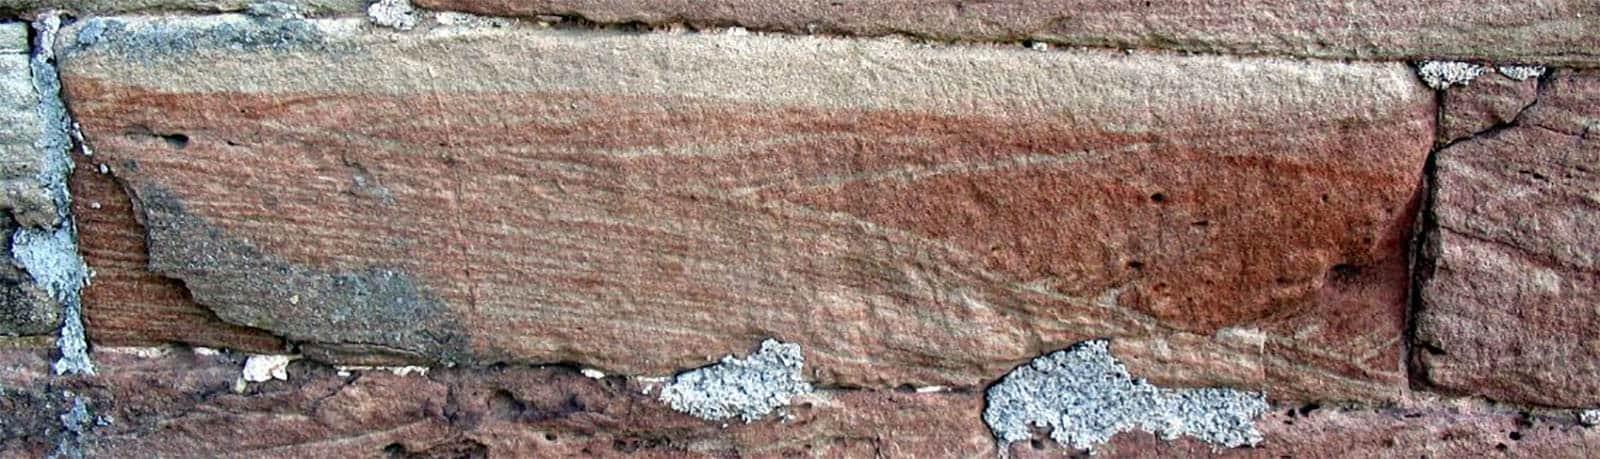 Devonian Sandstone